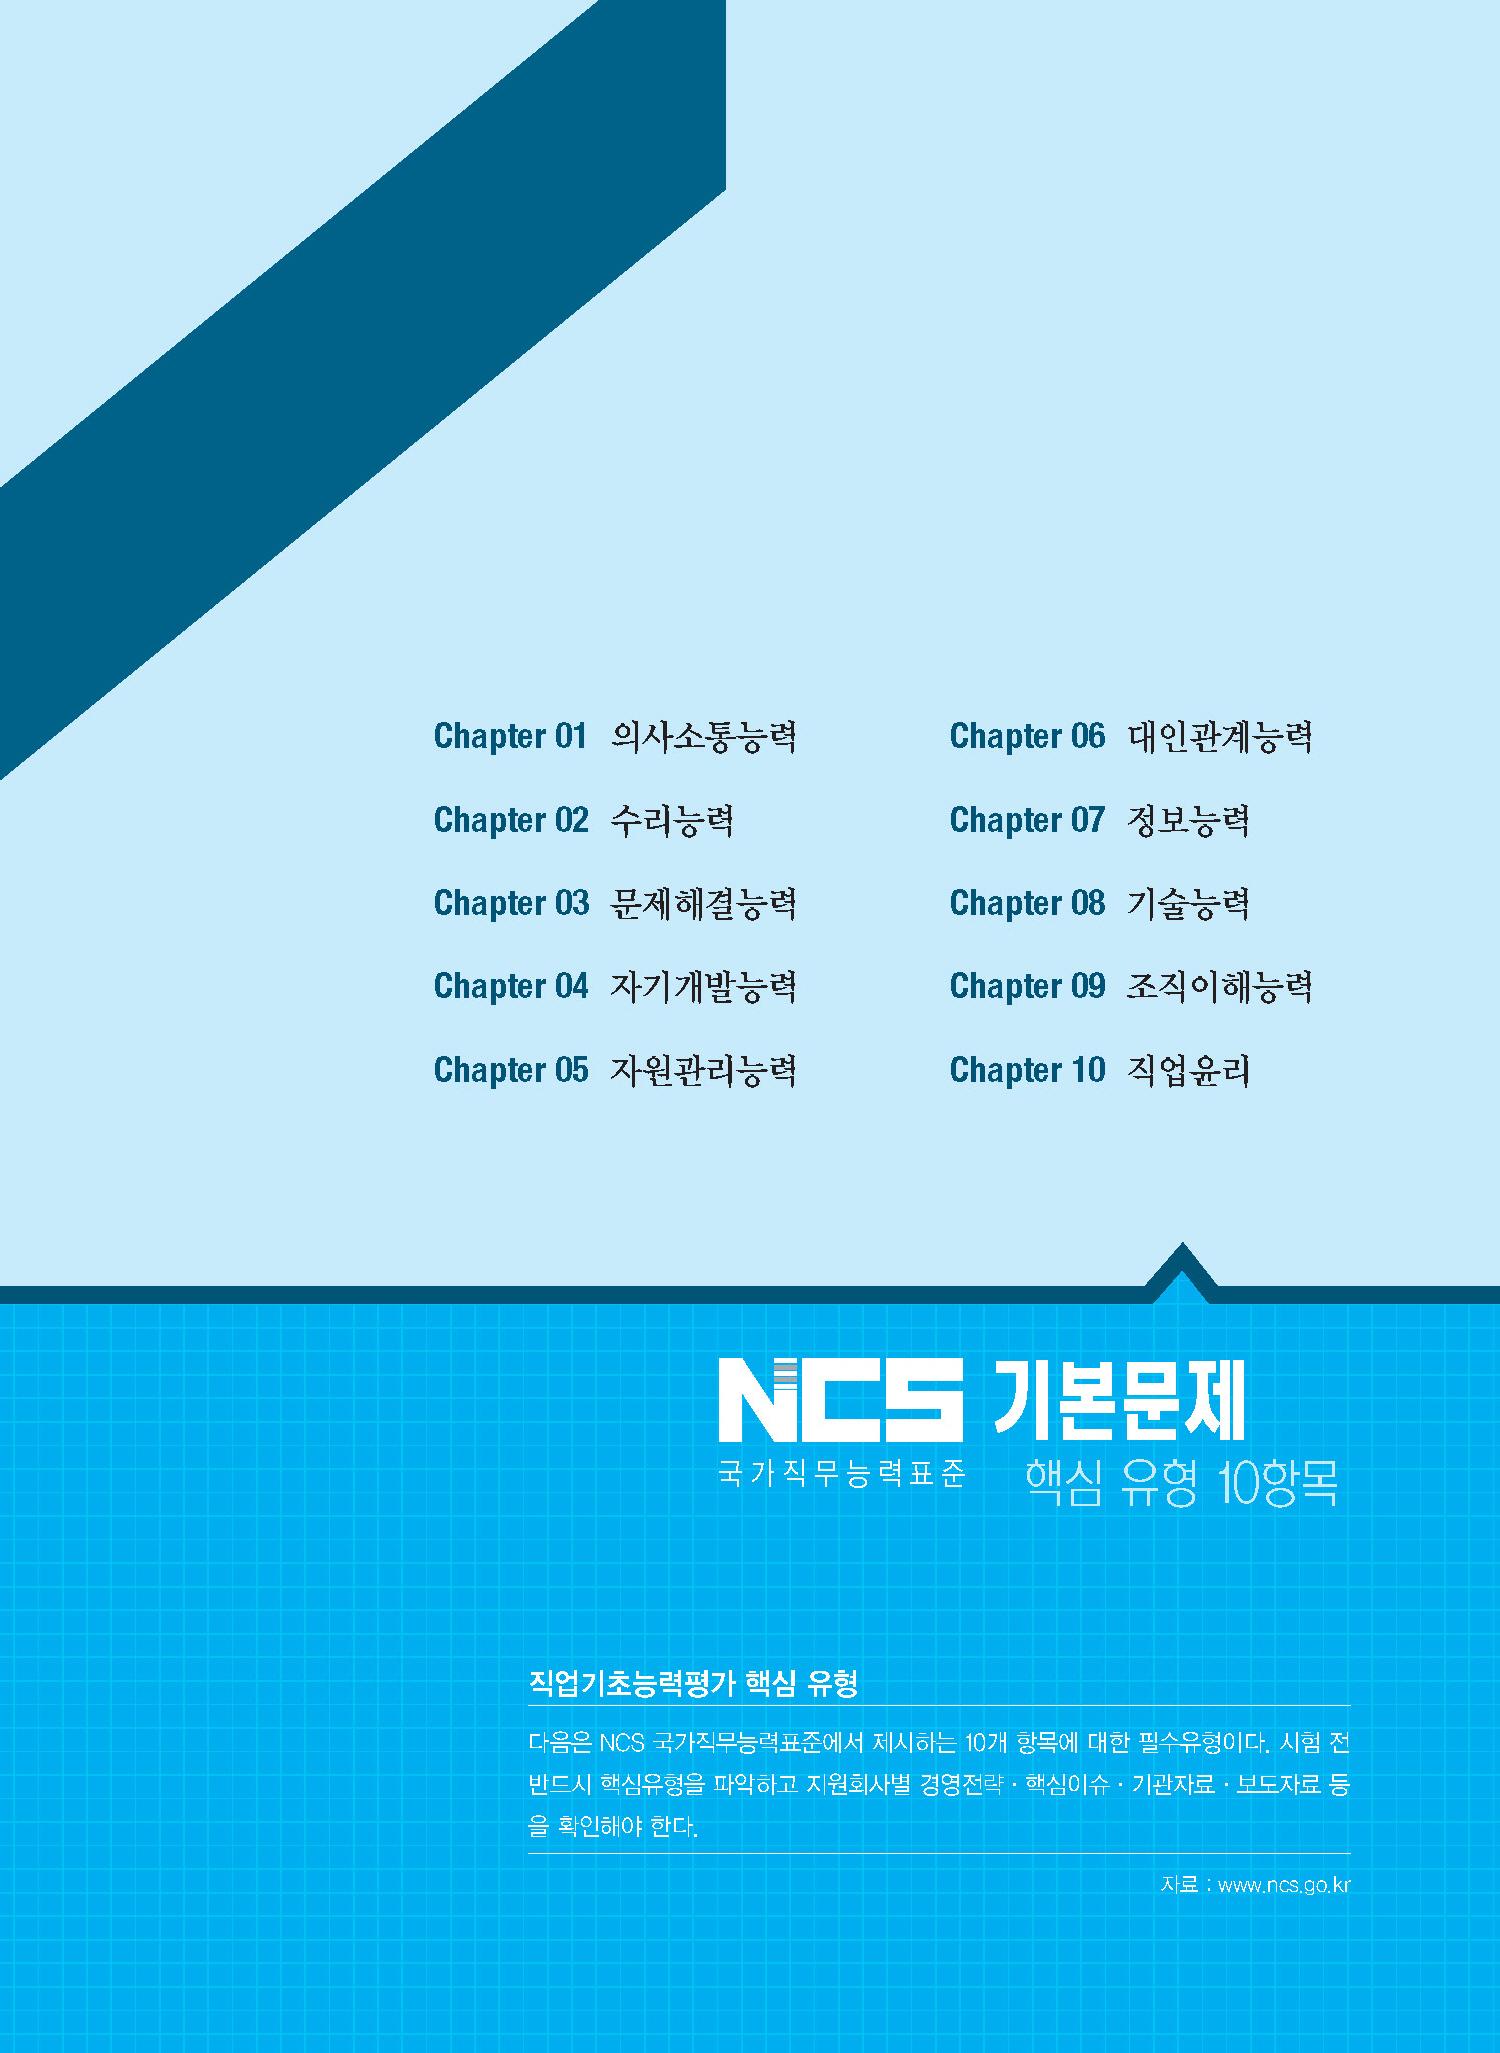 7bc96bcefbee57c668744cf0550412cf_1572851